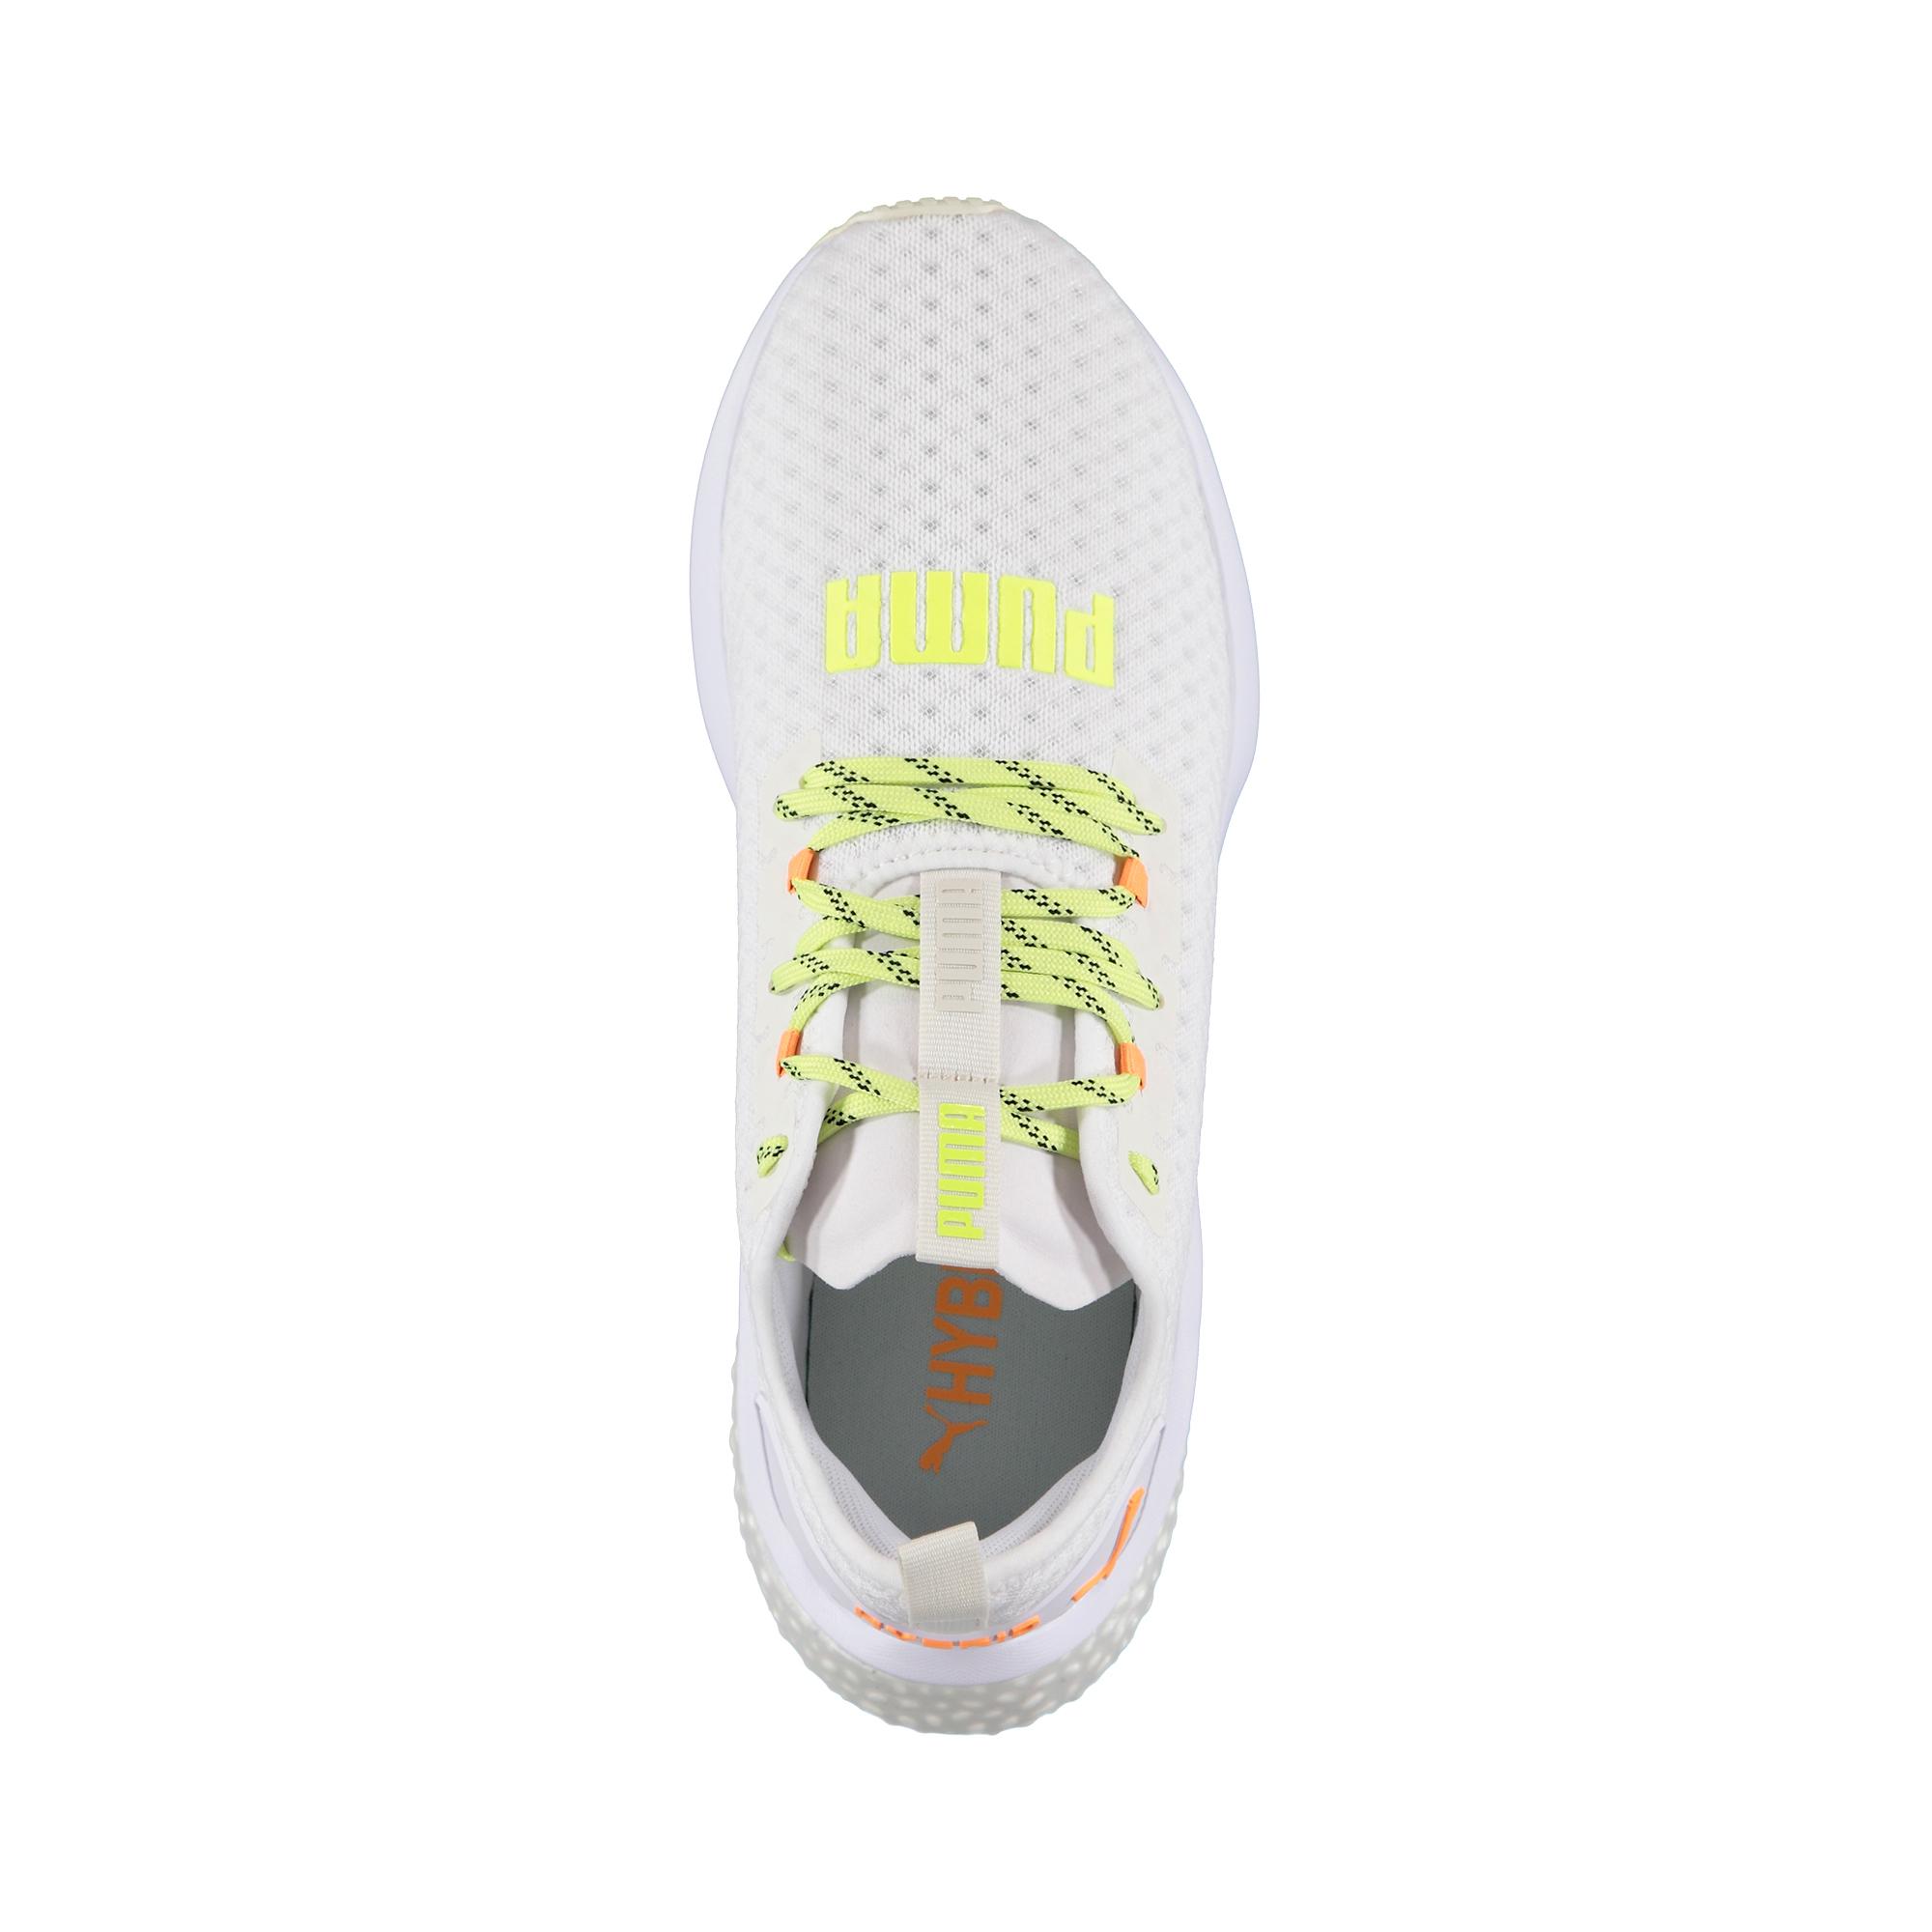 Puma Hybrid Nx Daylight Erkek Gri Spor Ayakkabı